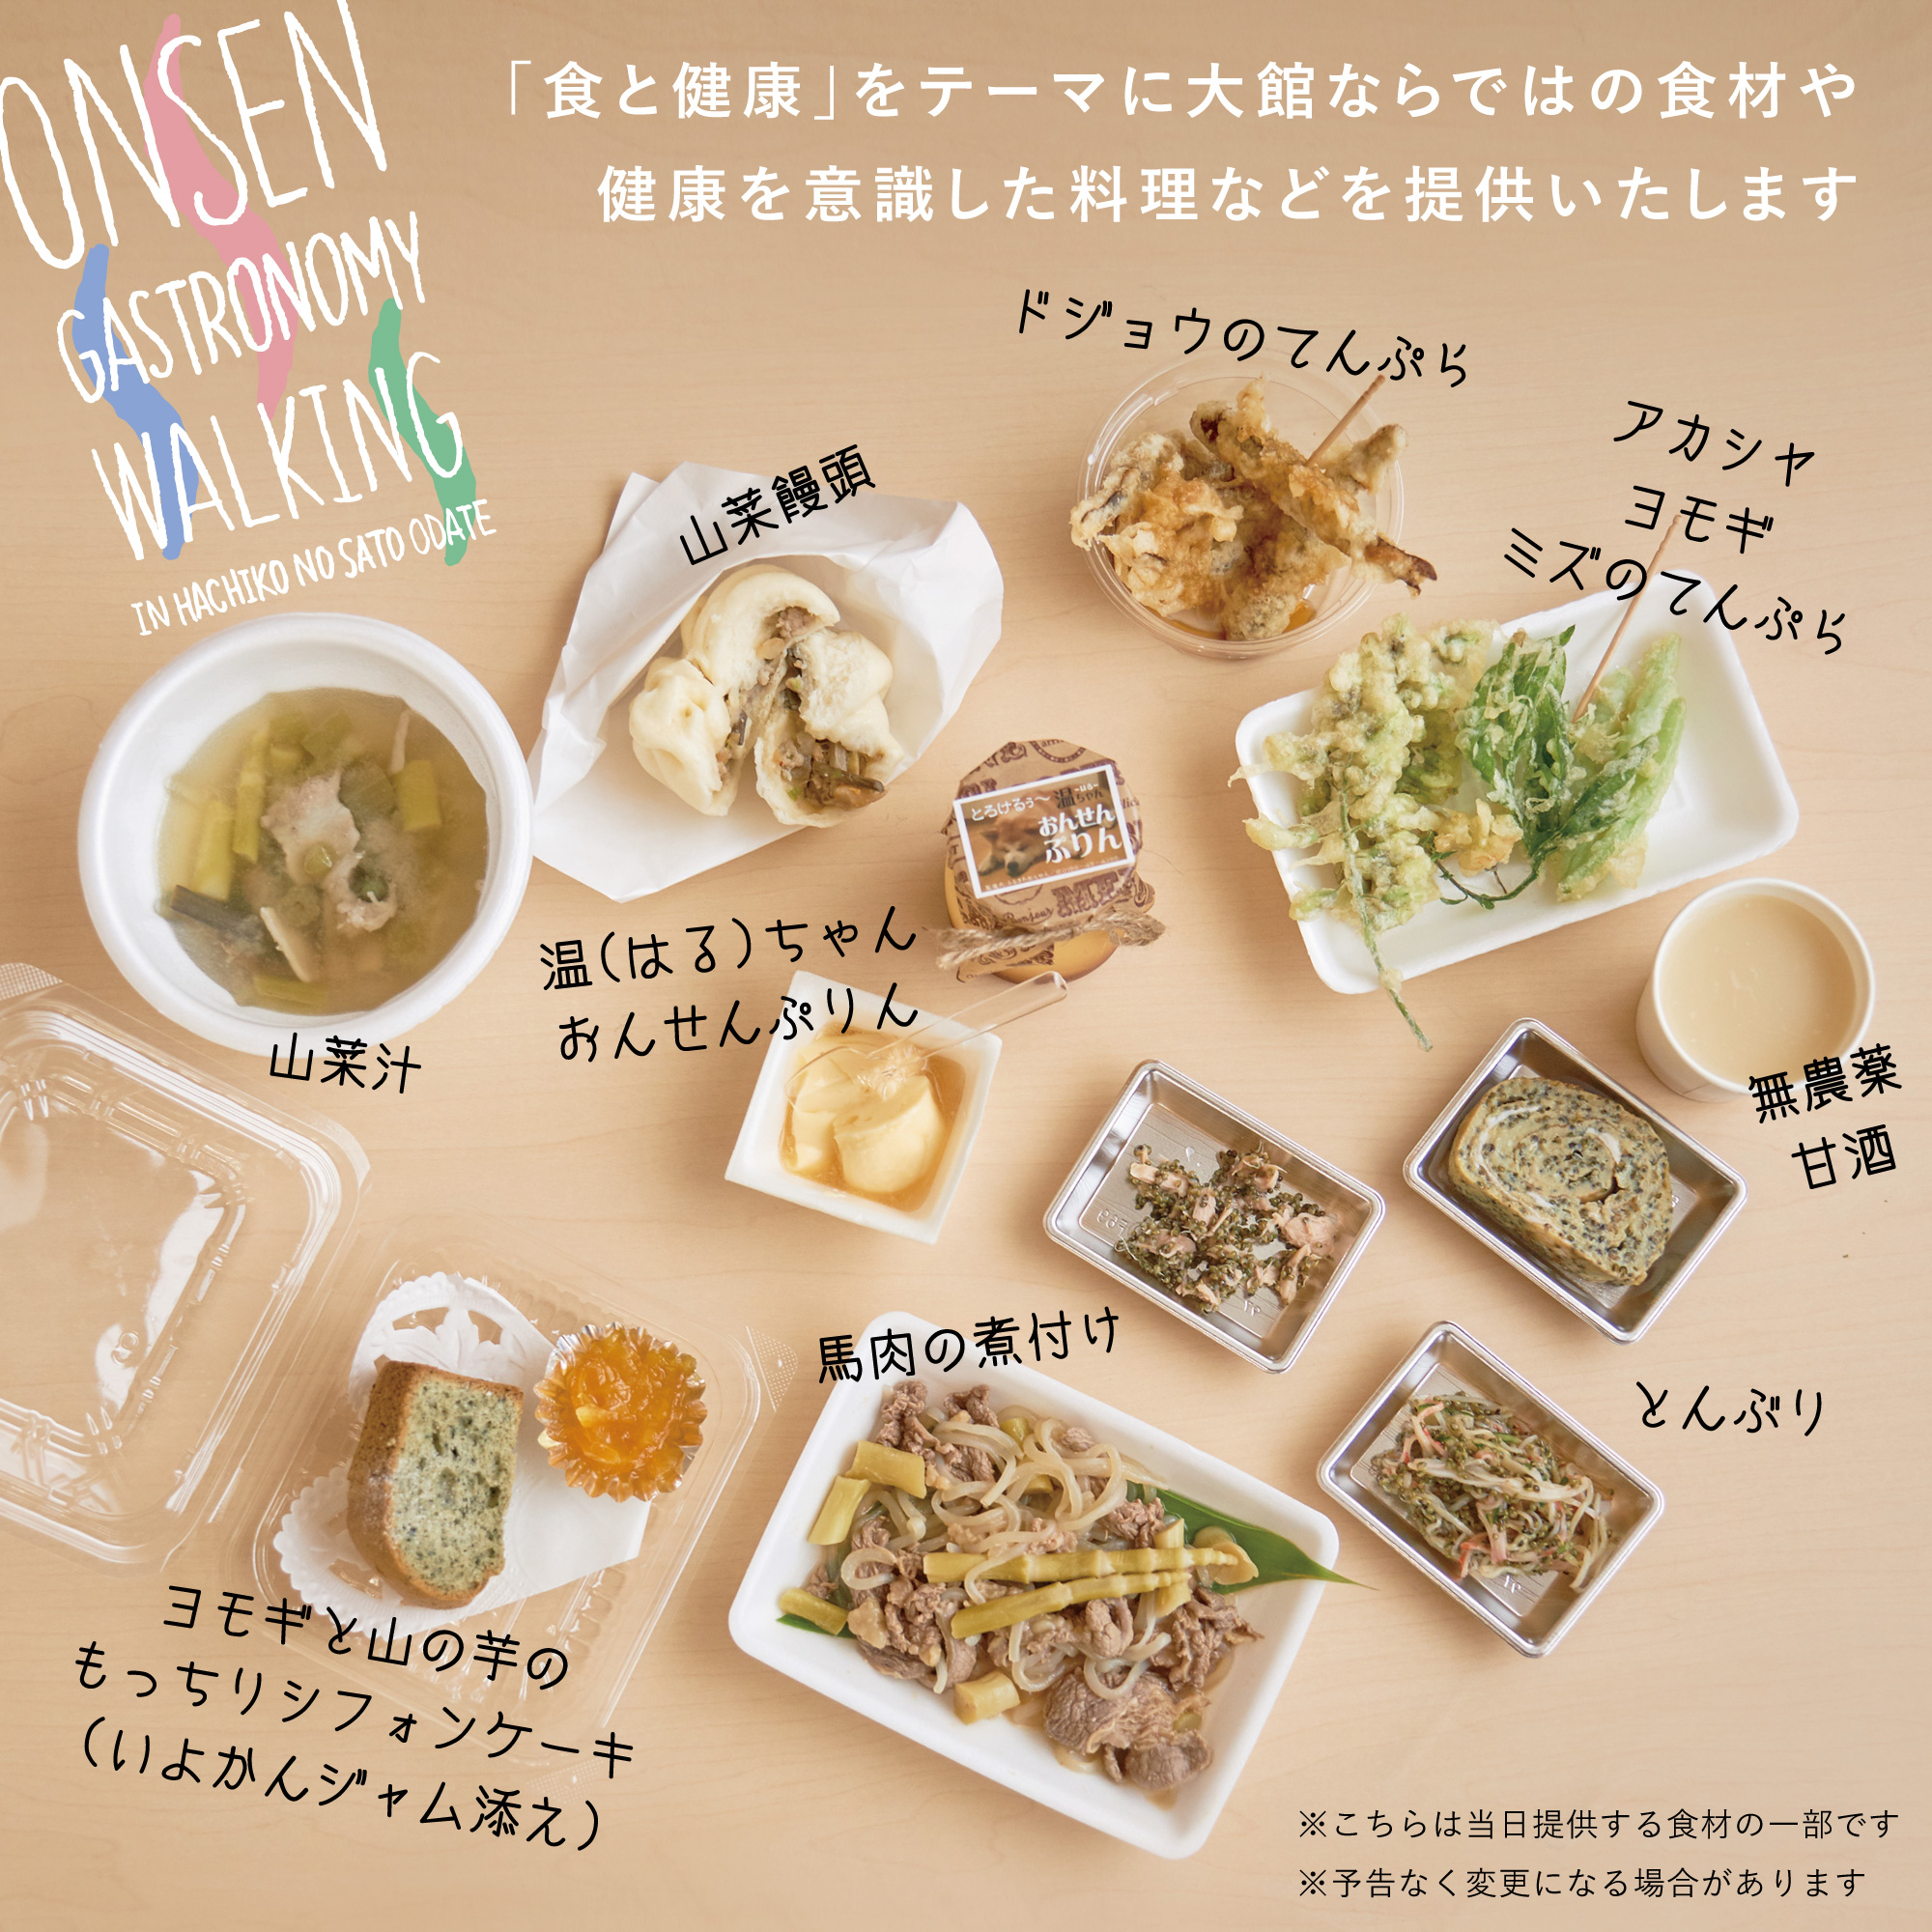 当日提供する食材の一部をご紹介(まだまだあります)!!